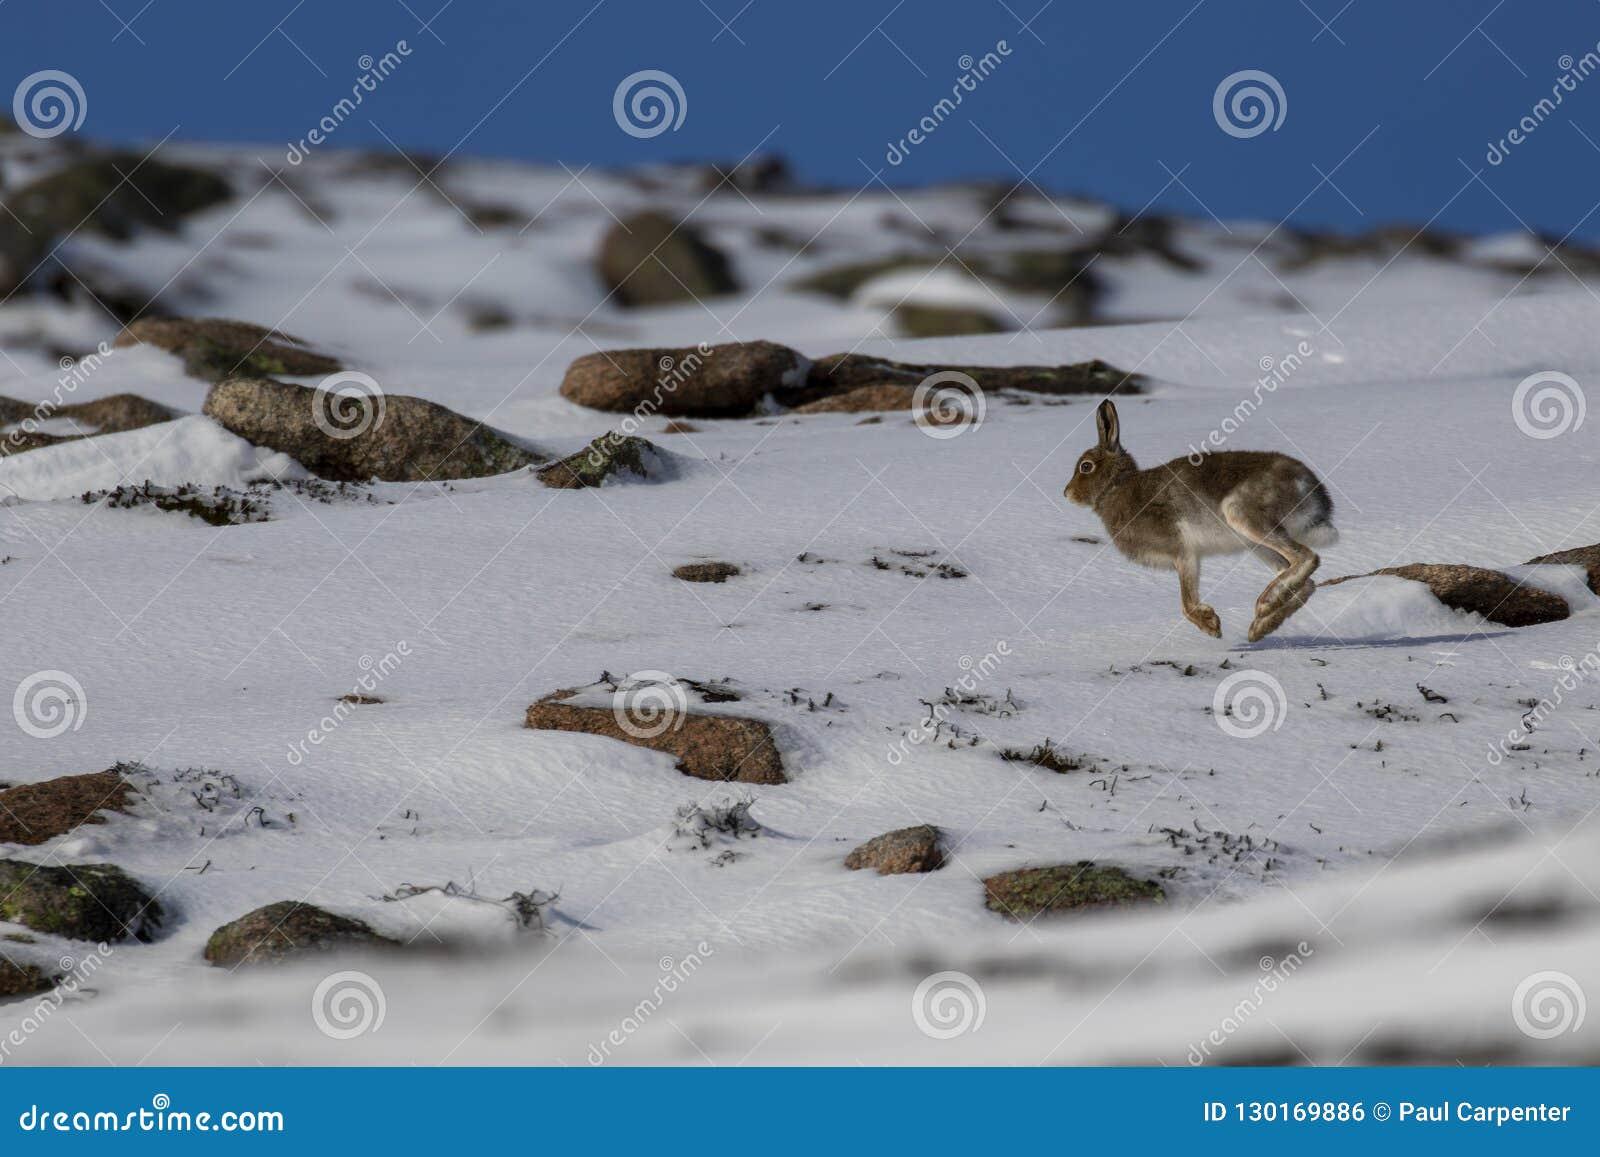 Halna zając, Lepus timidus podczas Października wciąż w lato żakiecie otaczającym śniegiem w cairngorms NP, Scotland